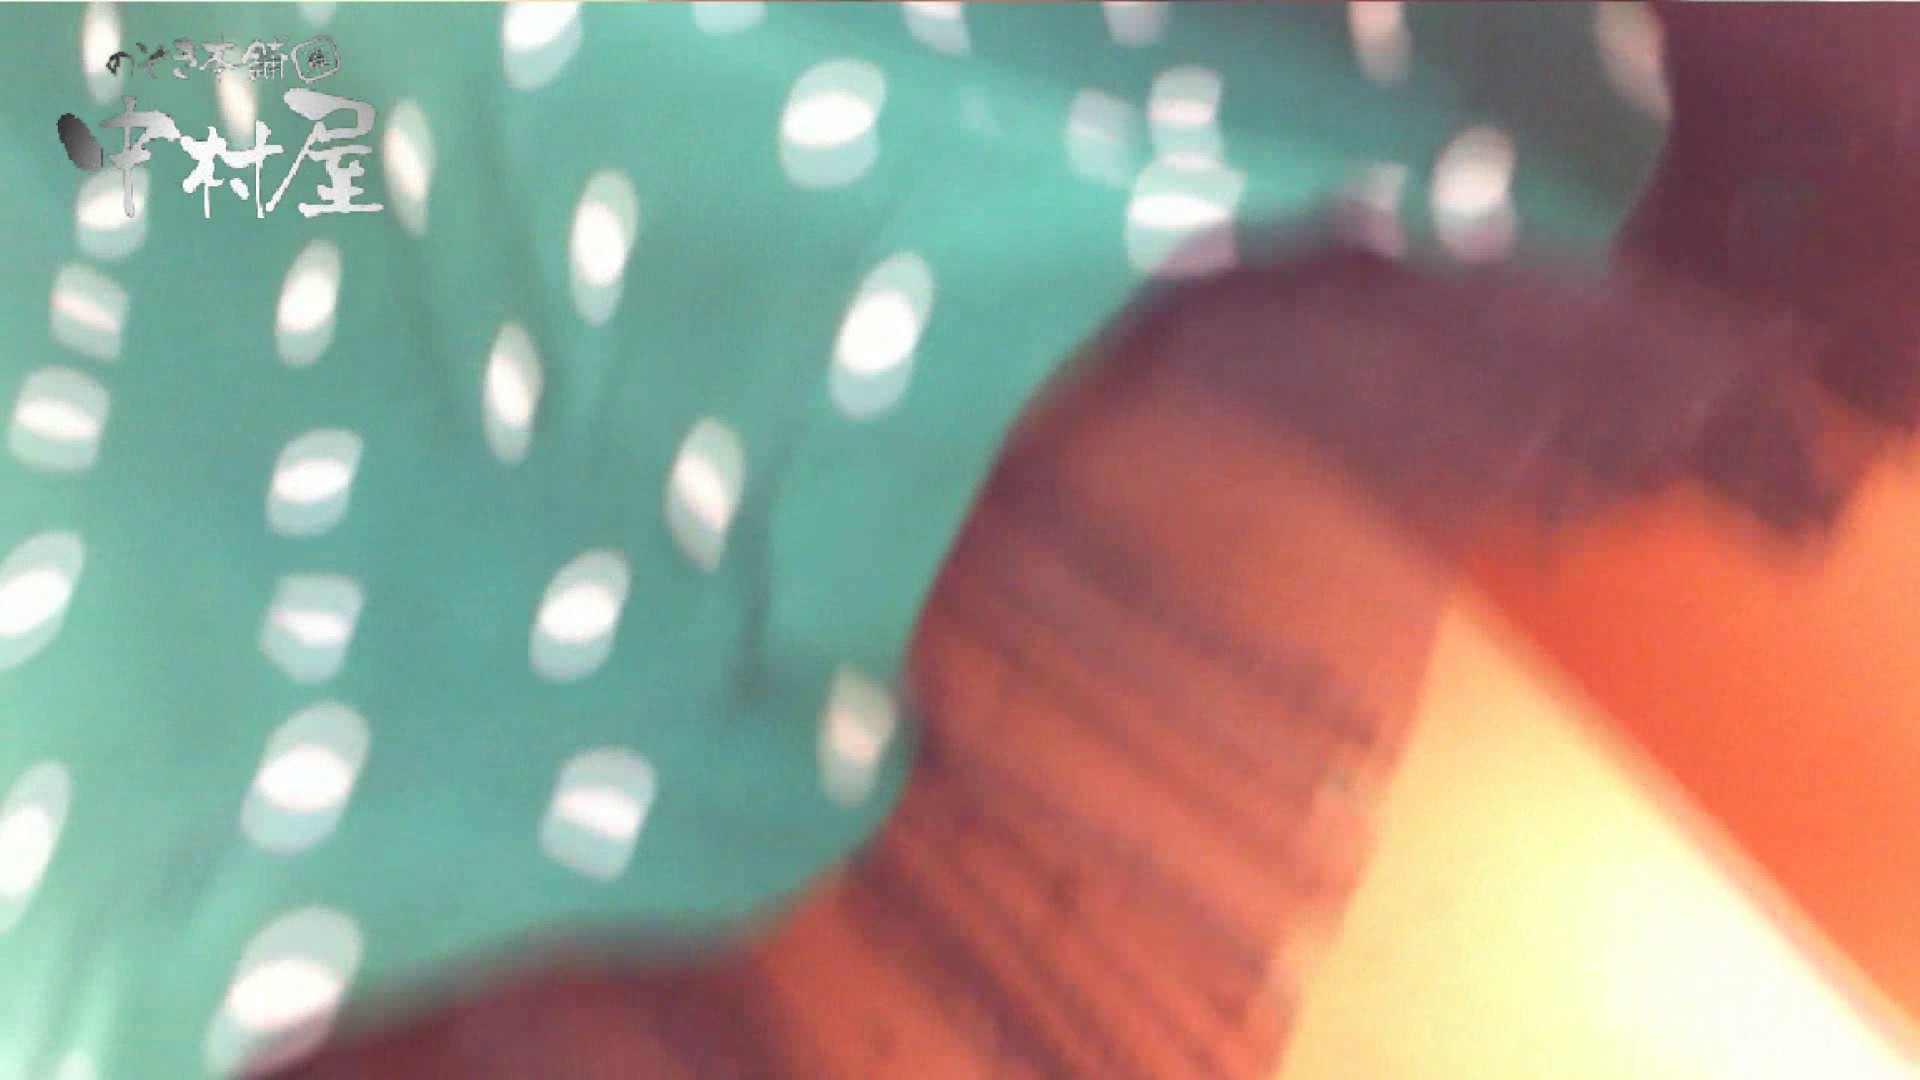 vol.48可愛いカリスマ店員胸チラ&パンチラ アニメ声の店員さん 接写  35pic 20